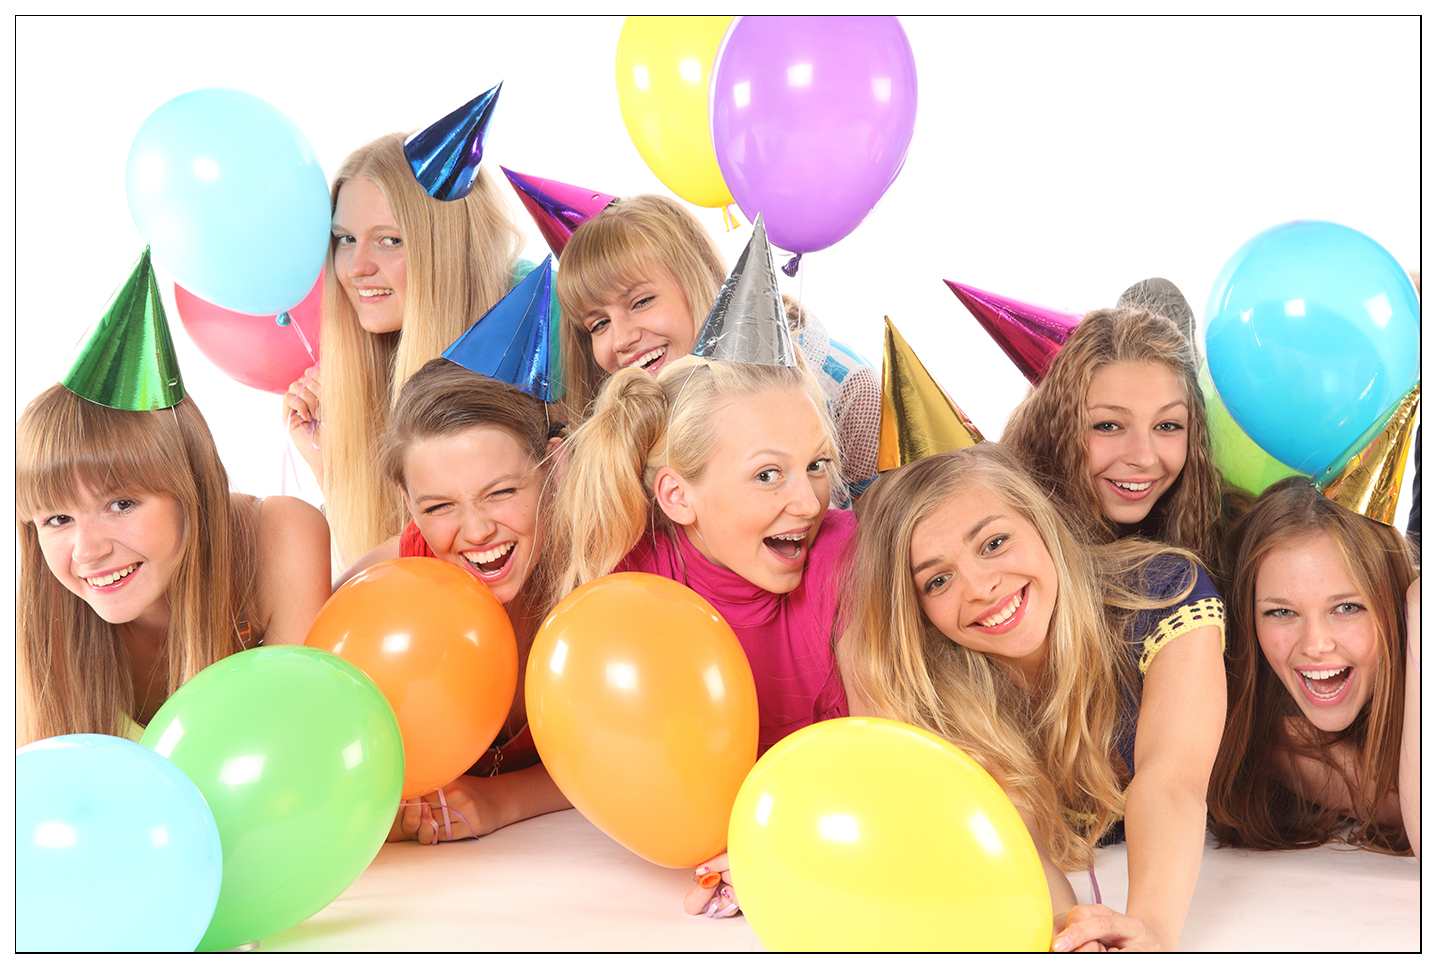 Конкурсы смешные на день рождения 17 лет